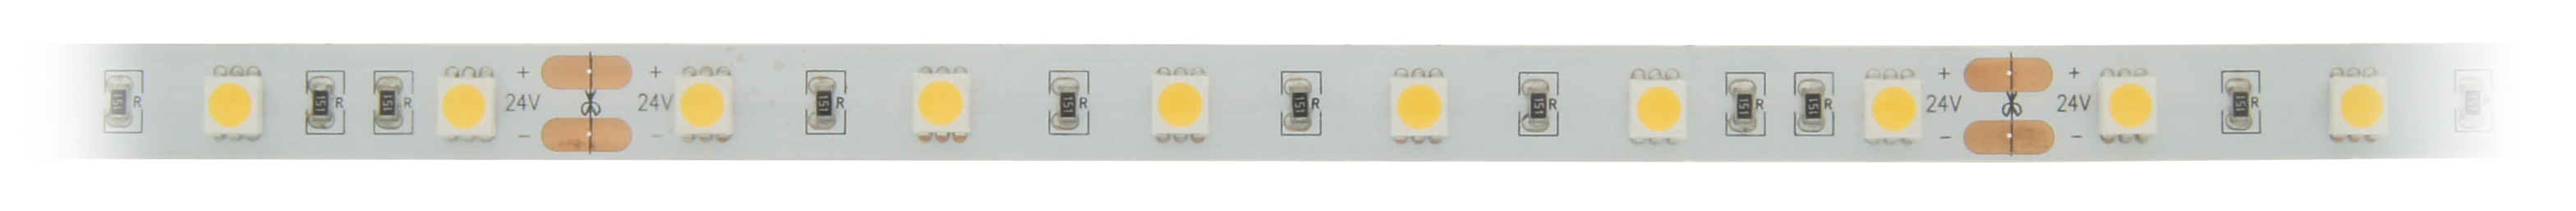 1 Stk Flexstrip 60 WW, Ra=90+, 13W/m, 1069lm/m, 24VDC,IP44, l=5m LIFS012002